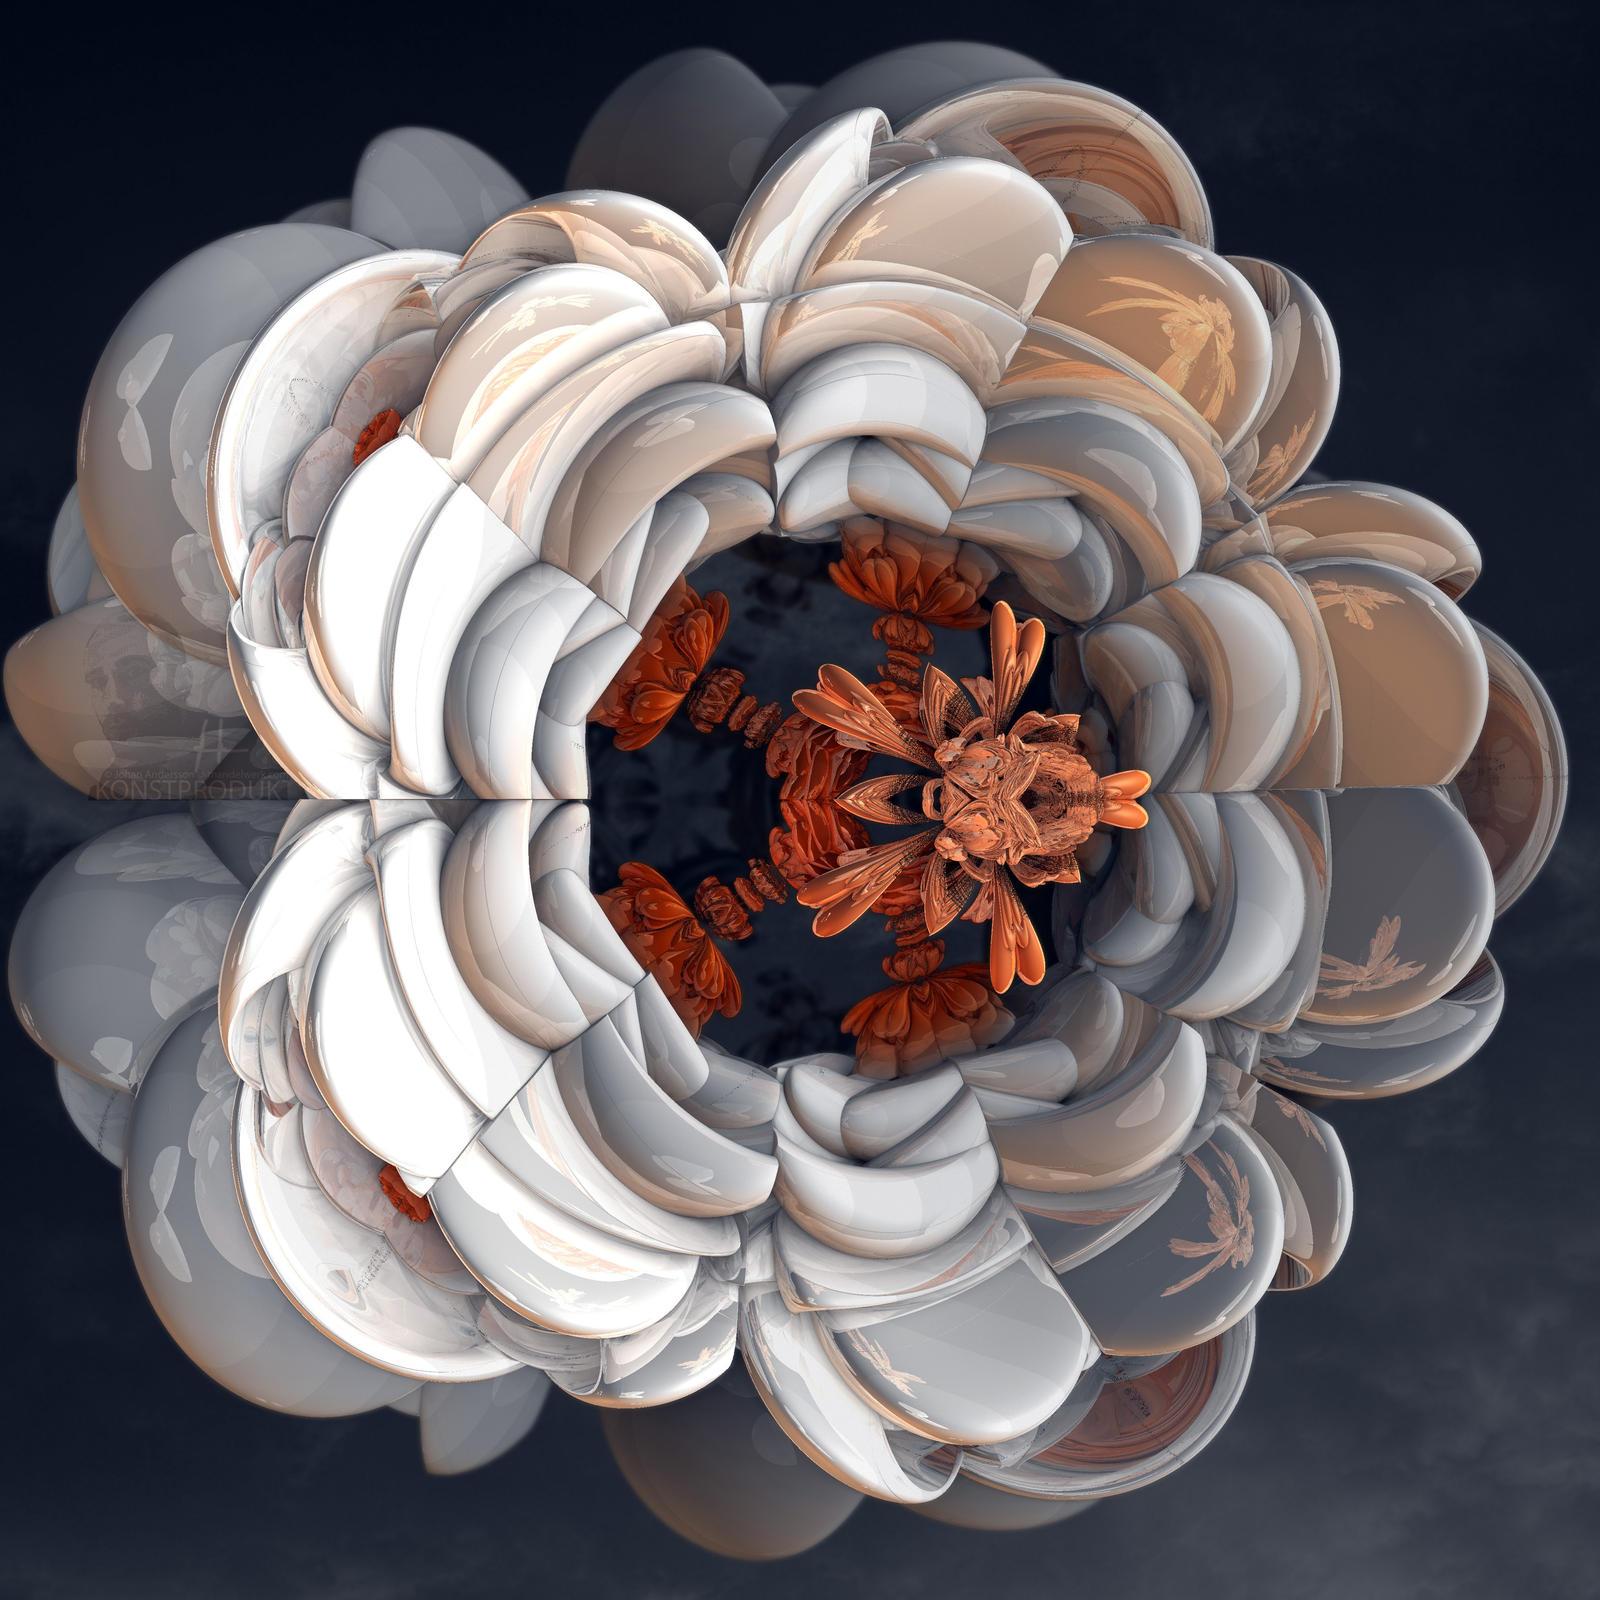 Flora Magnoliophyta Fractalica by MANDELWERK on DeviantArt